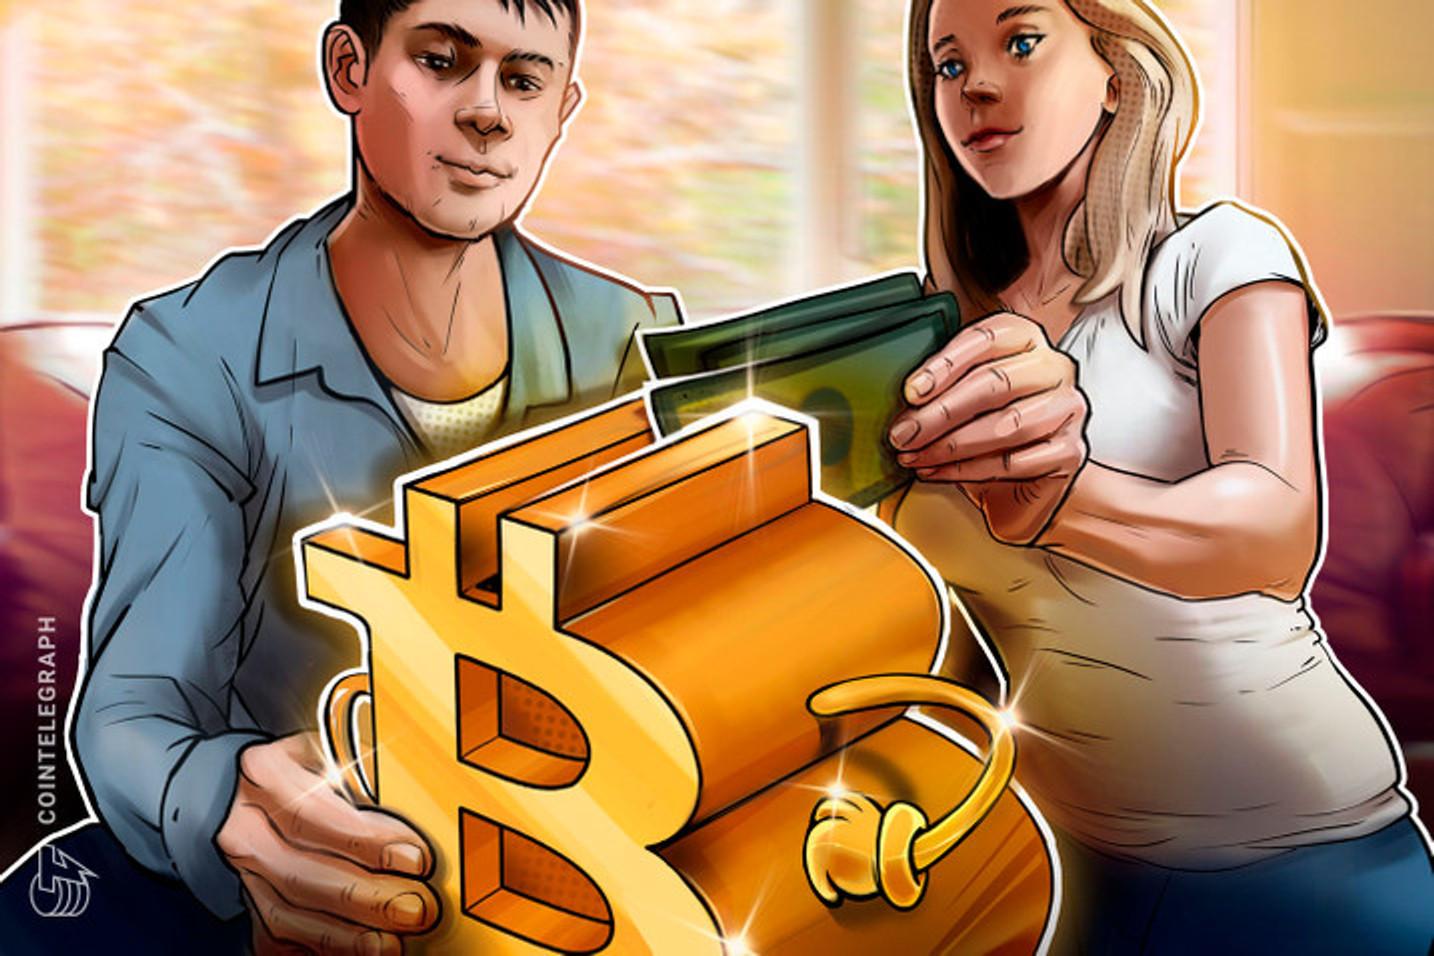 업비트, '생애 첫 가상자산 계좌'에 비트코인 지급